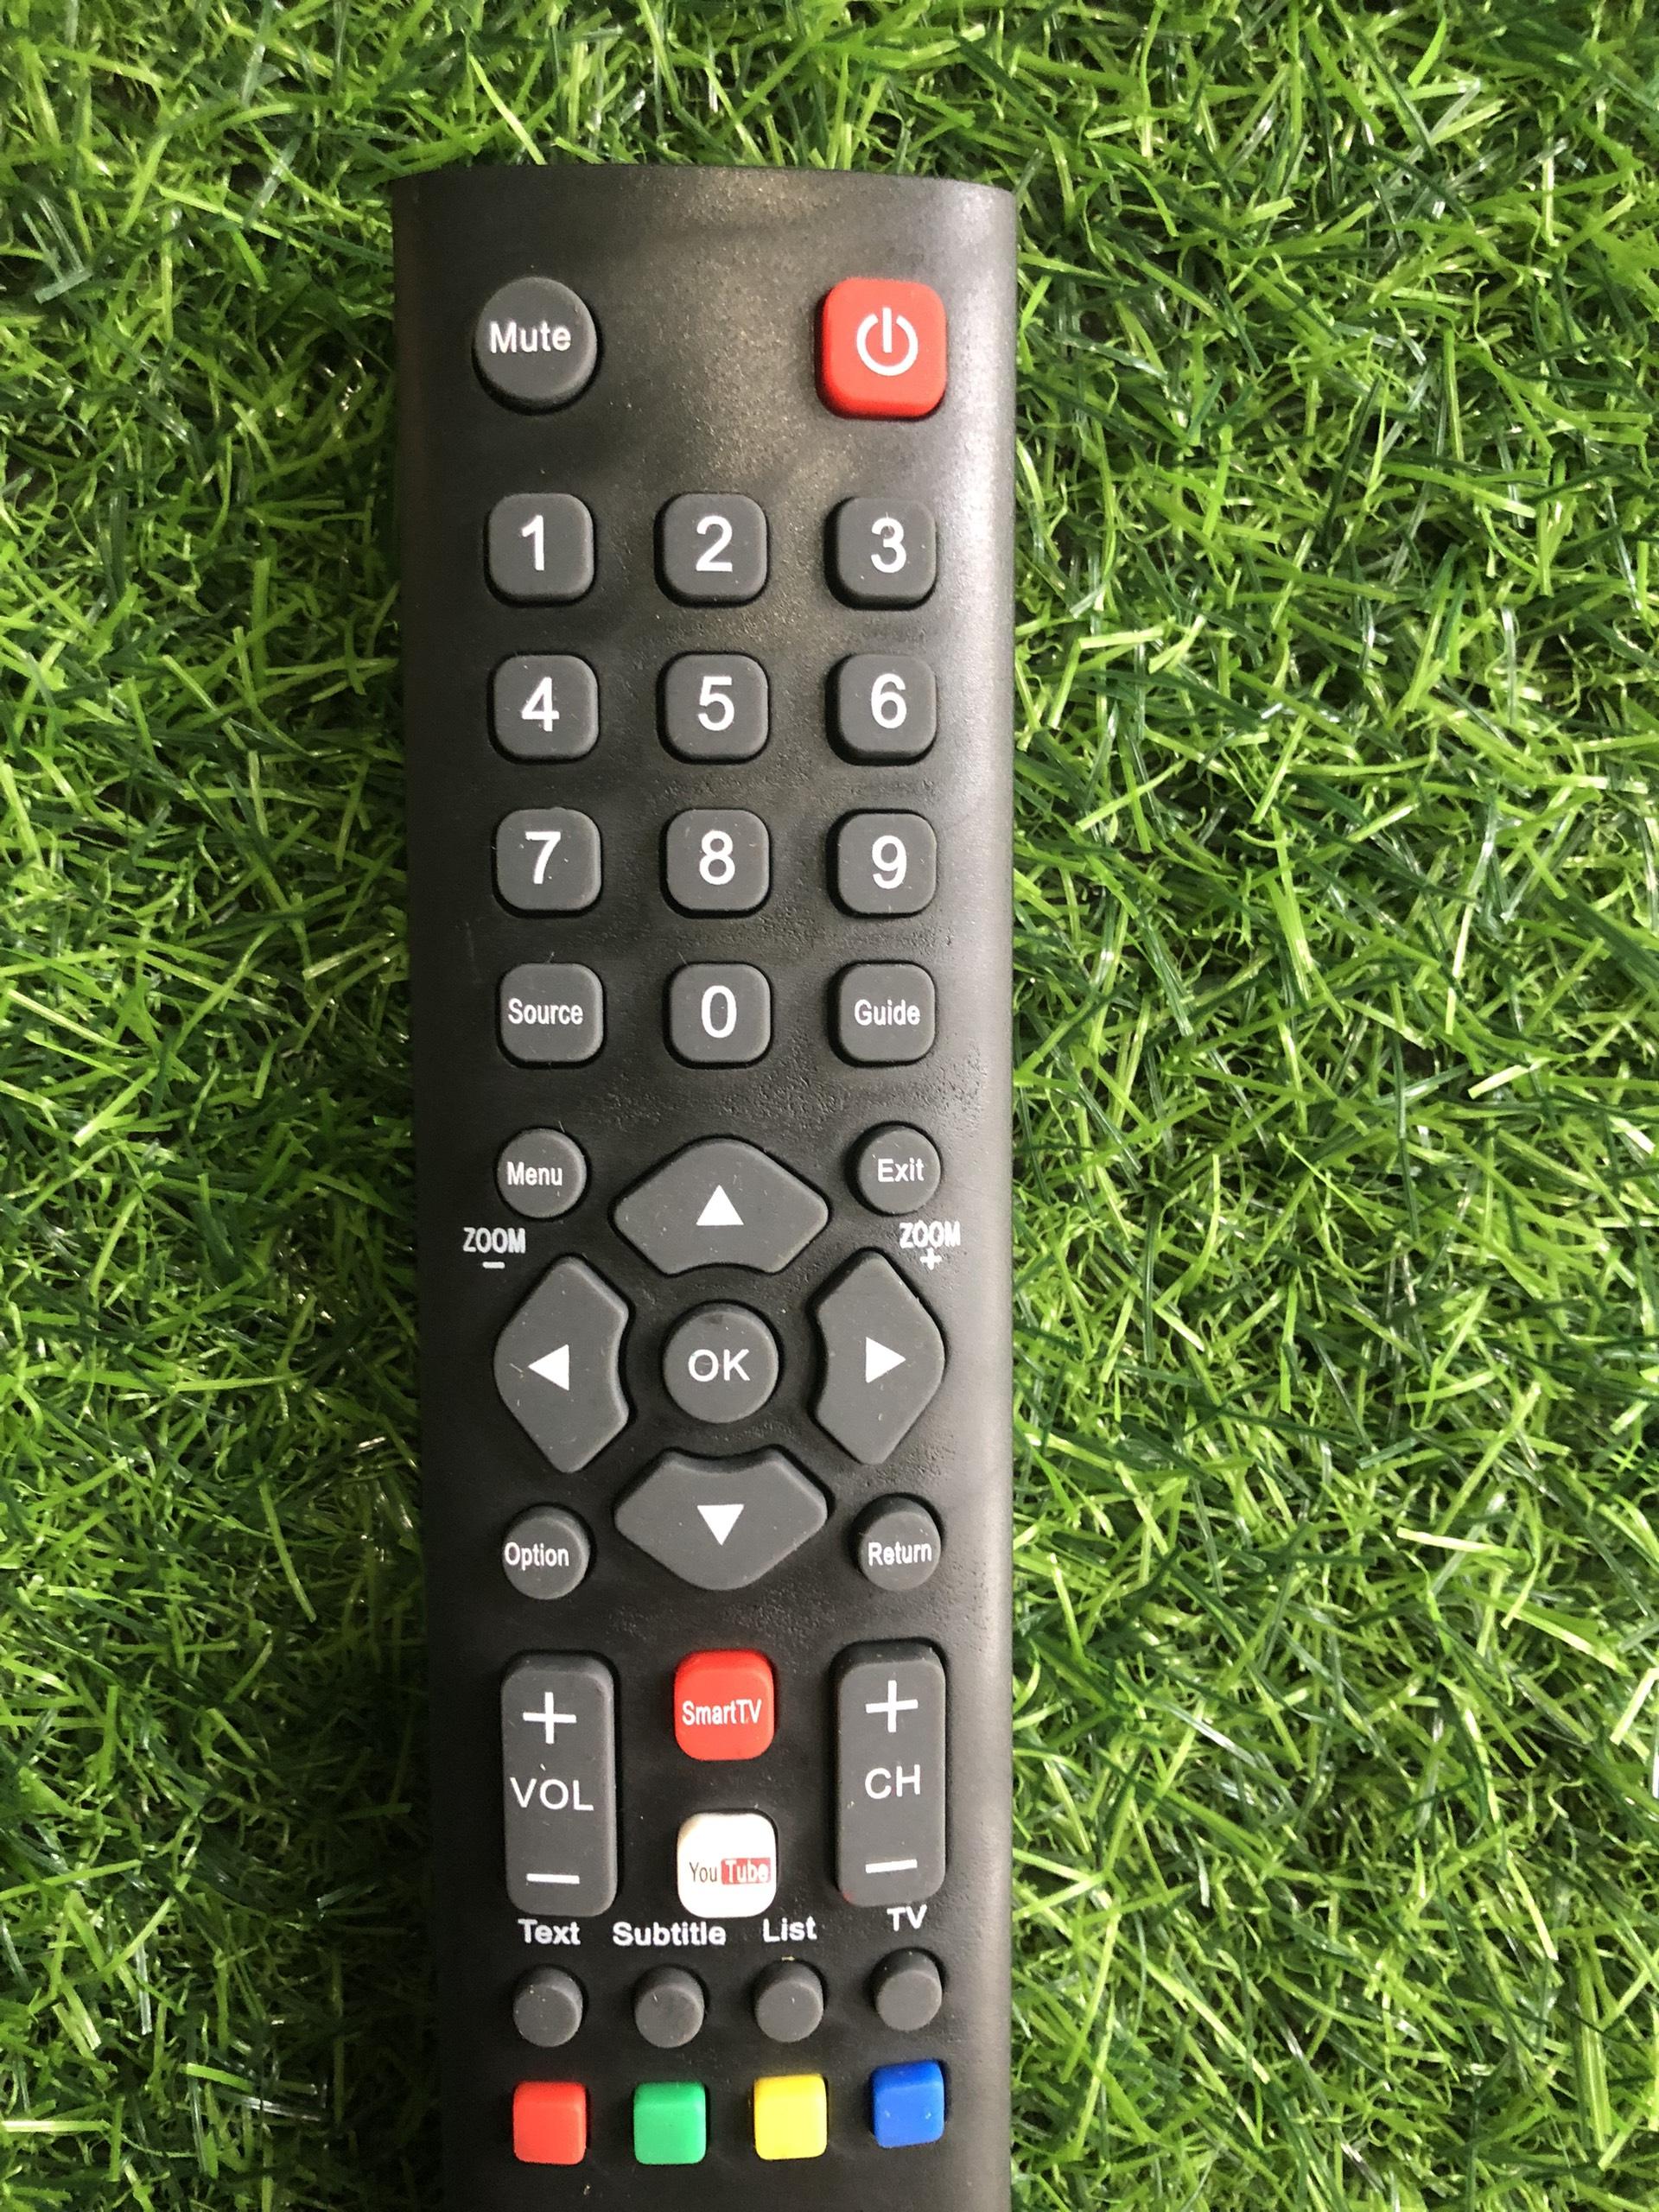 Điều khiển tivi TCL Smart internet RC200 vào mạng internet - tặng kèm pin ,Remote điều khiển tivi TCL Smart RC200 smart internet 3